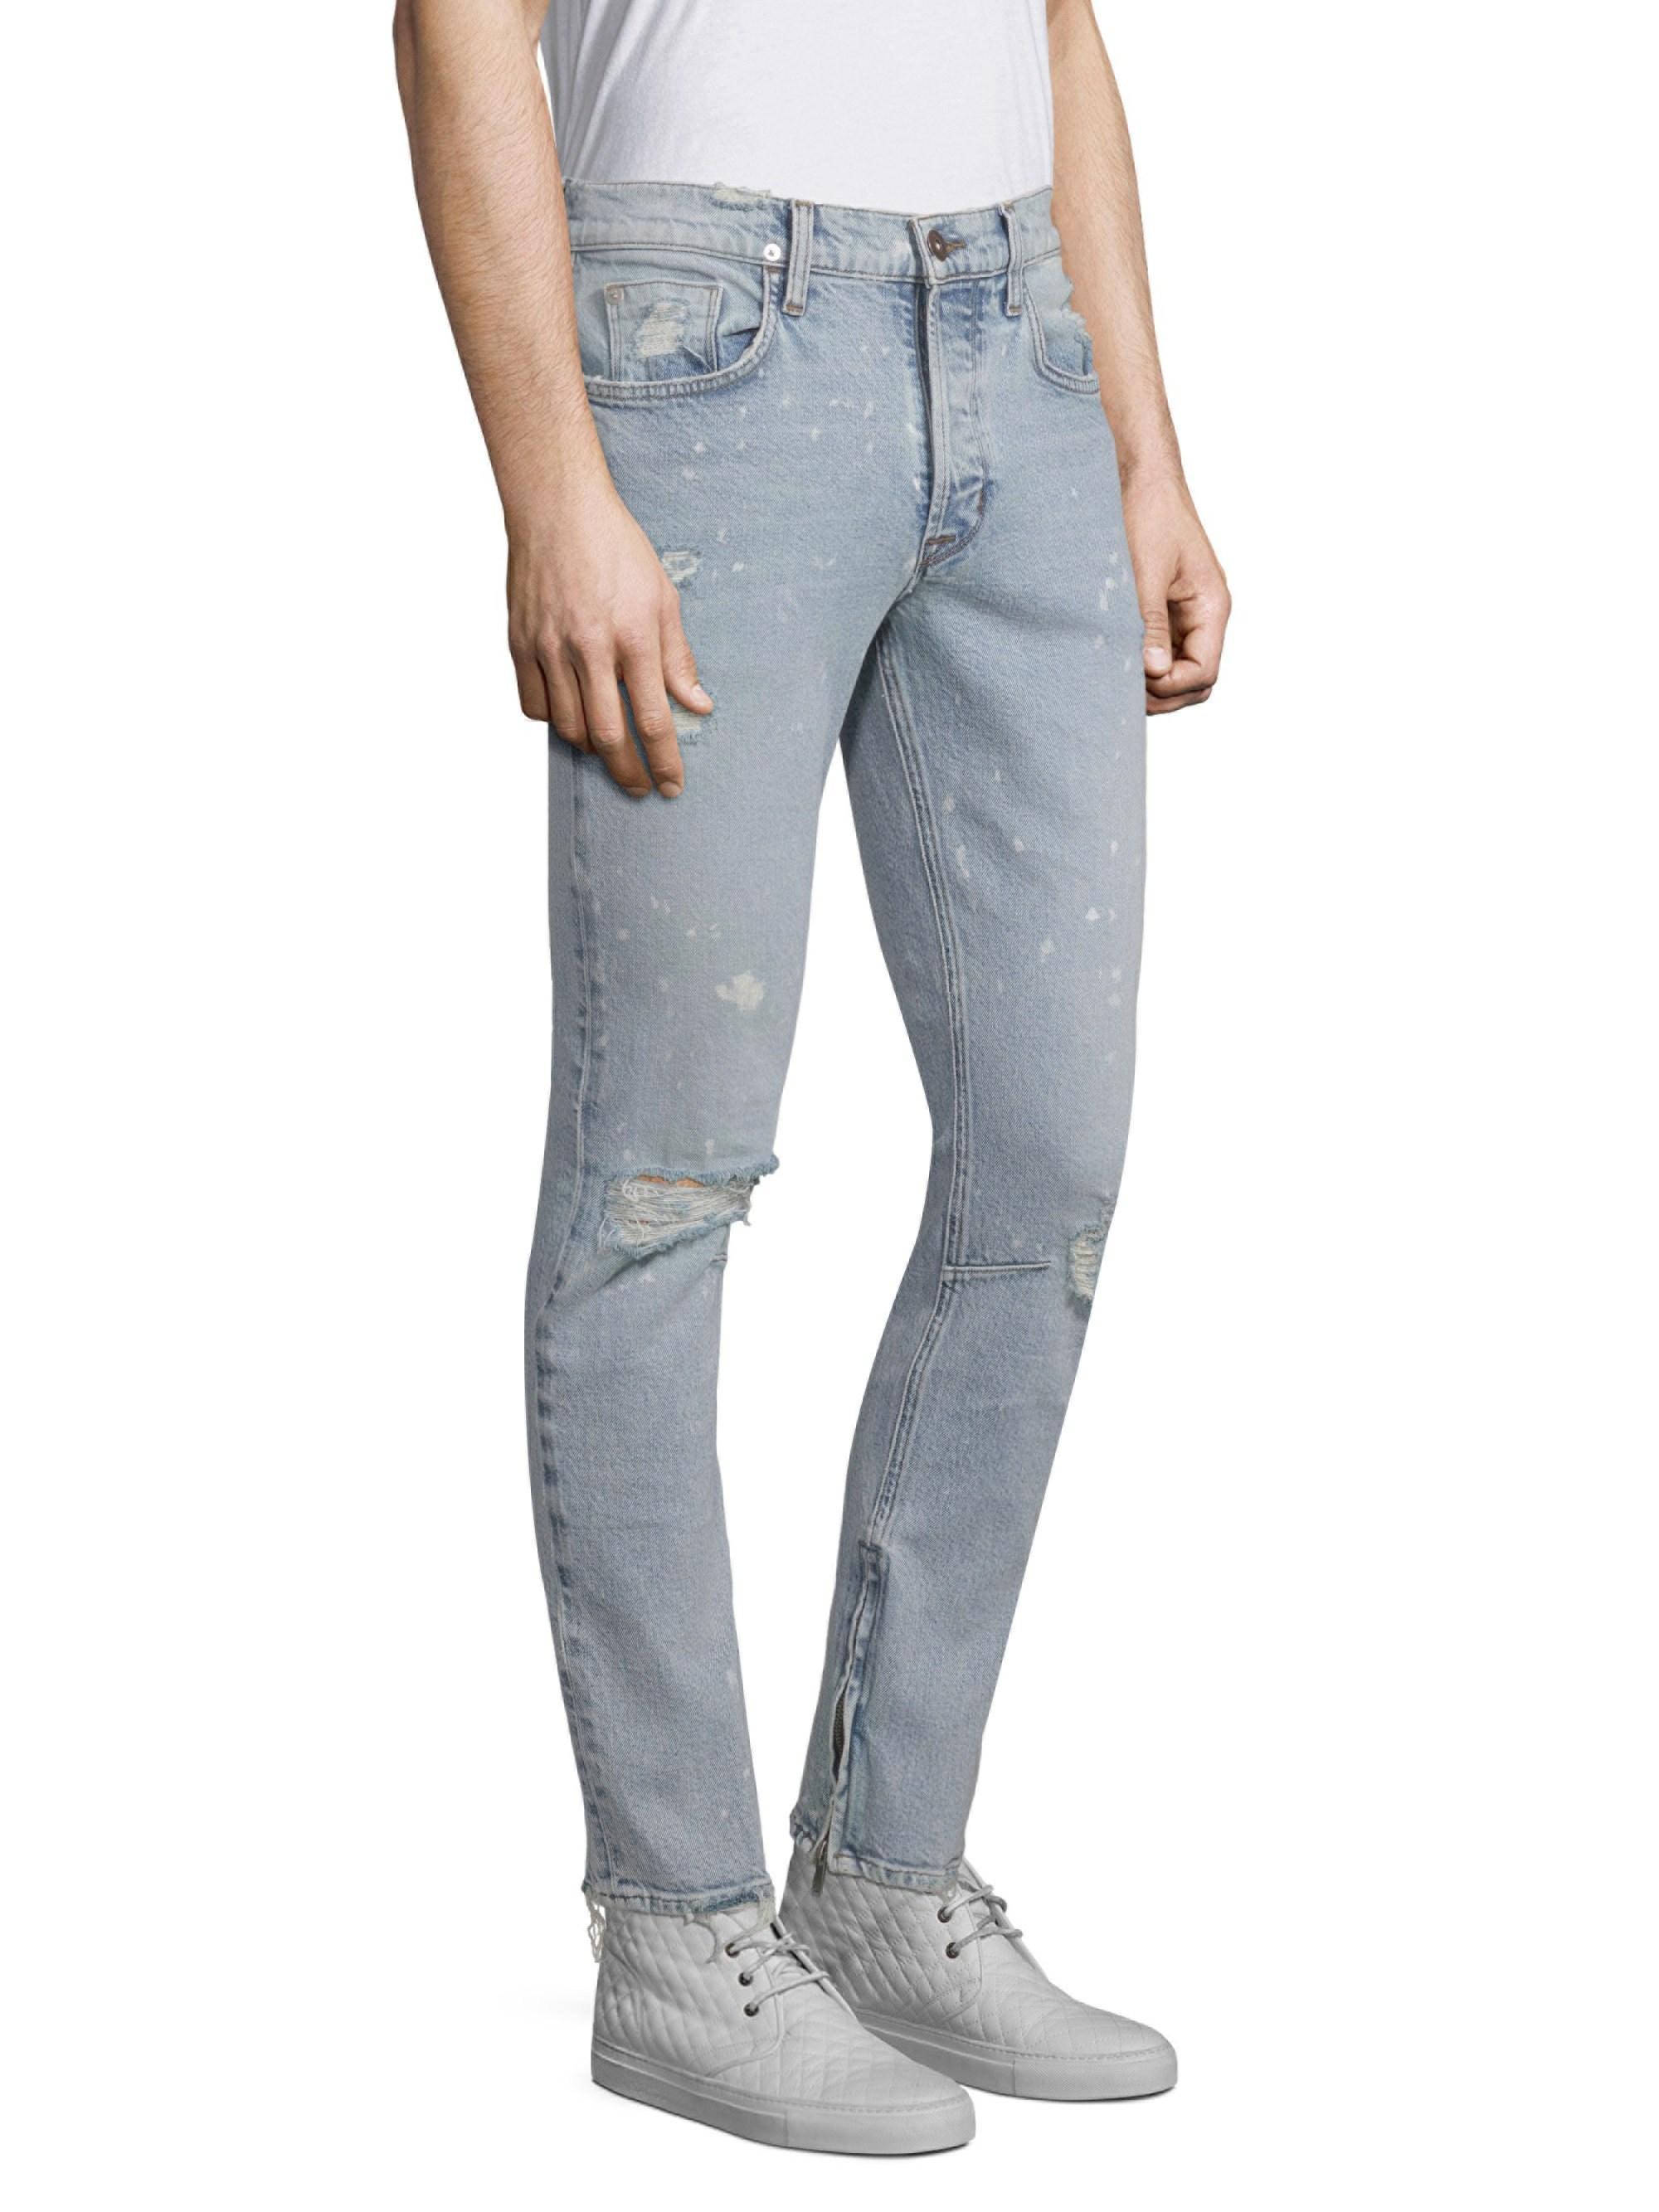 988deb3e4d9 Lyst - Hudson Jeans Men's Vaughn Skinny Cotton Ankle Zip Jeans - Echo Park  - Size 34 in Blue for Men